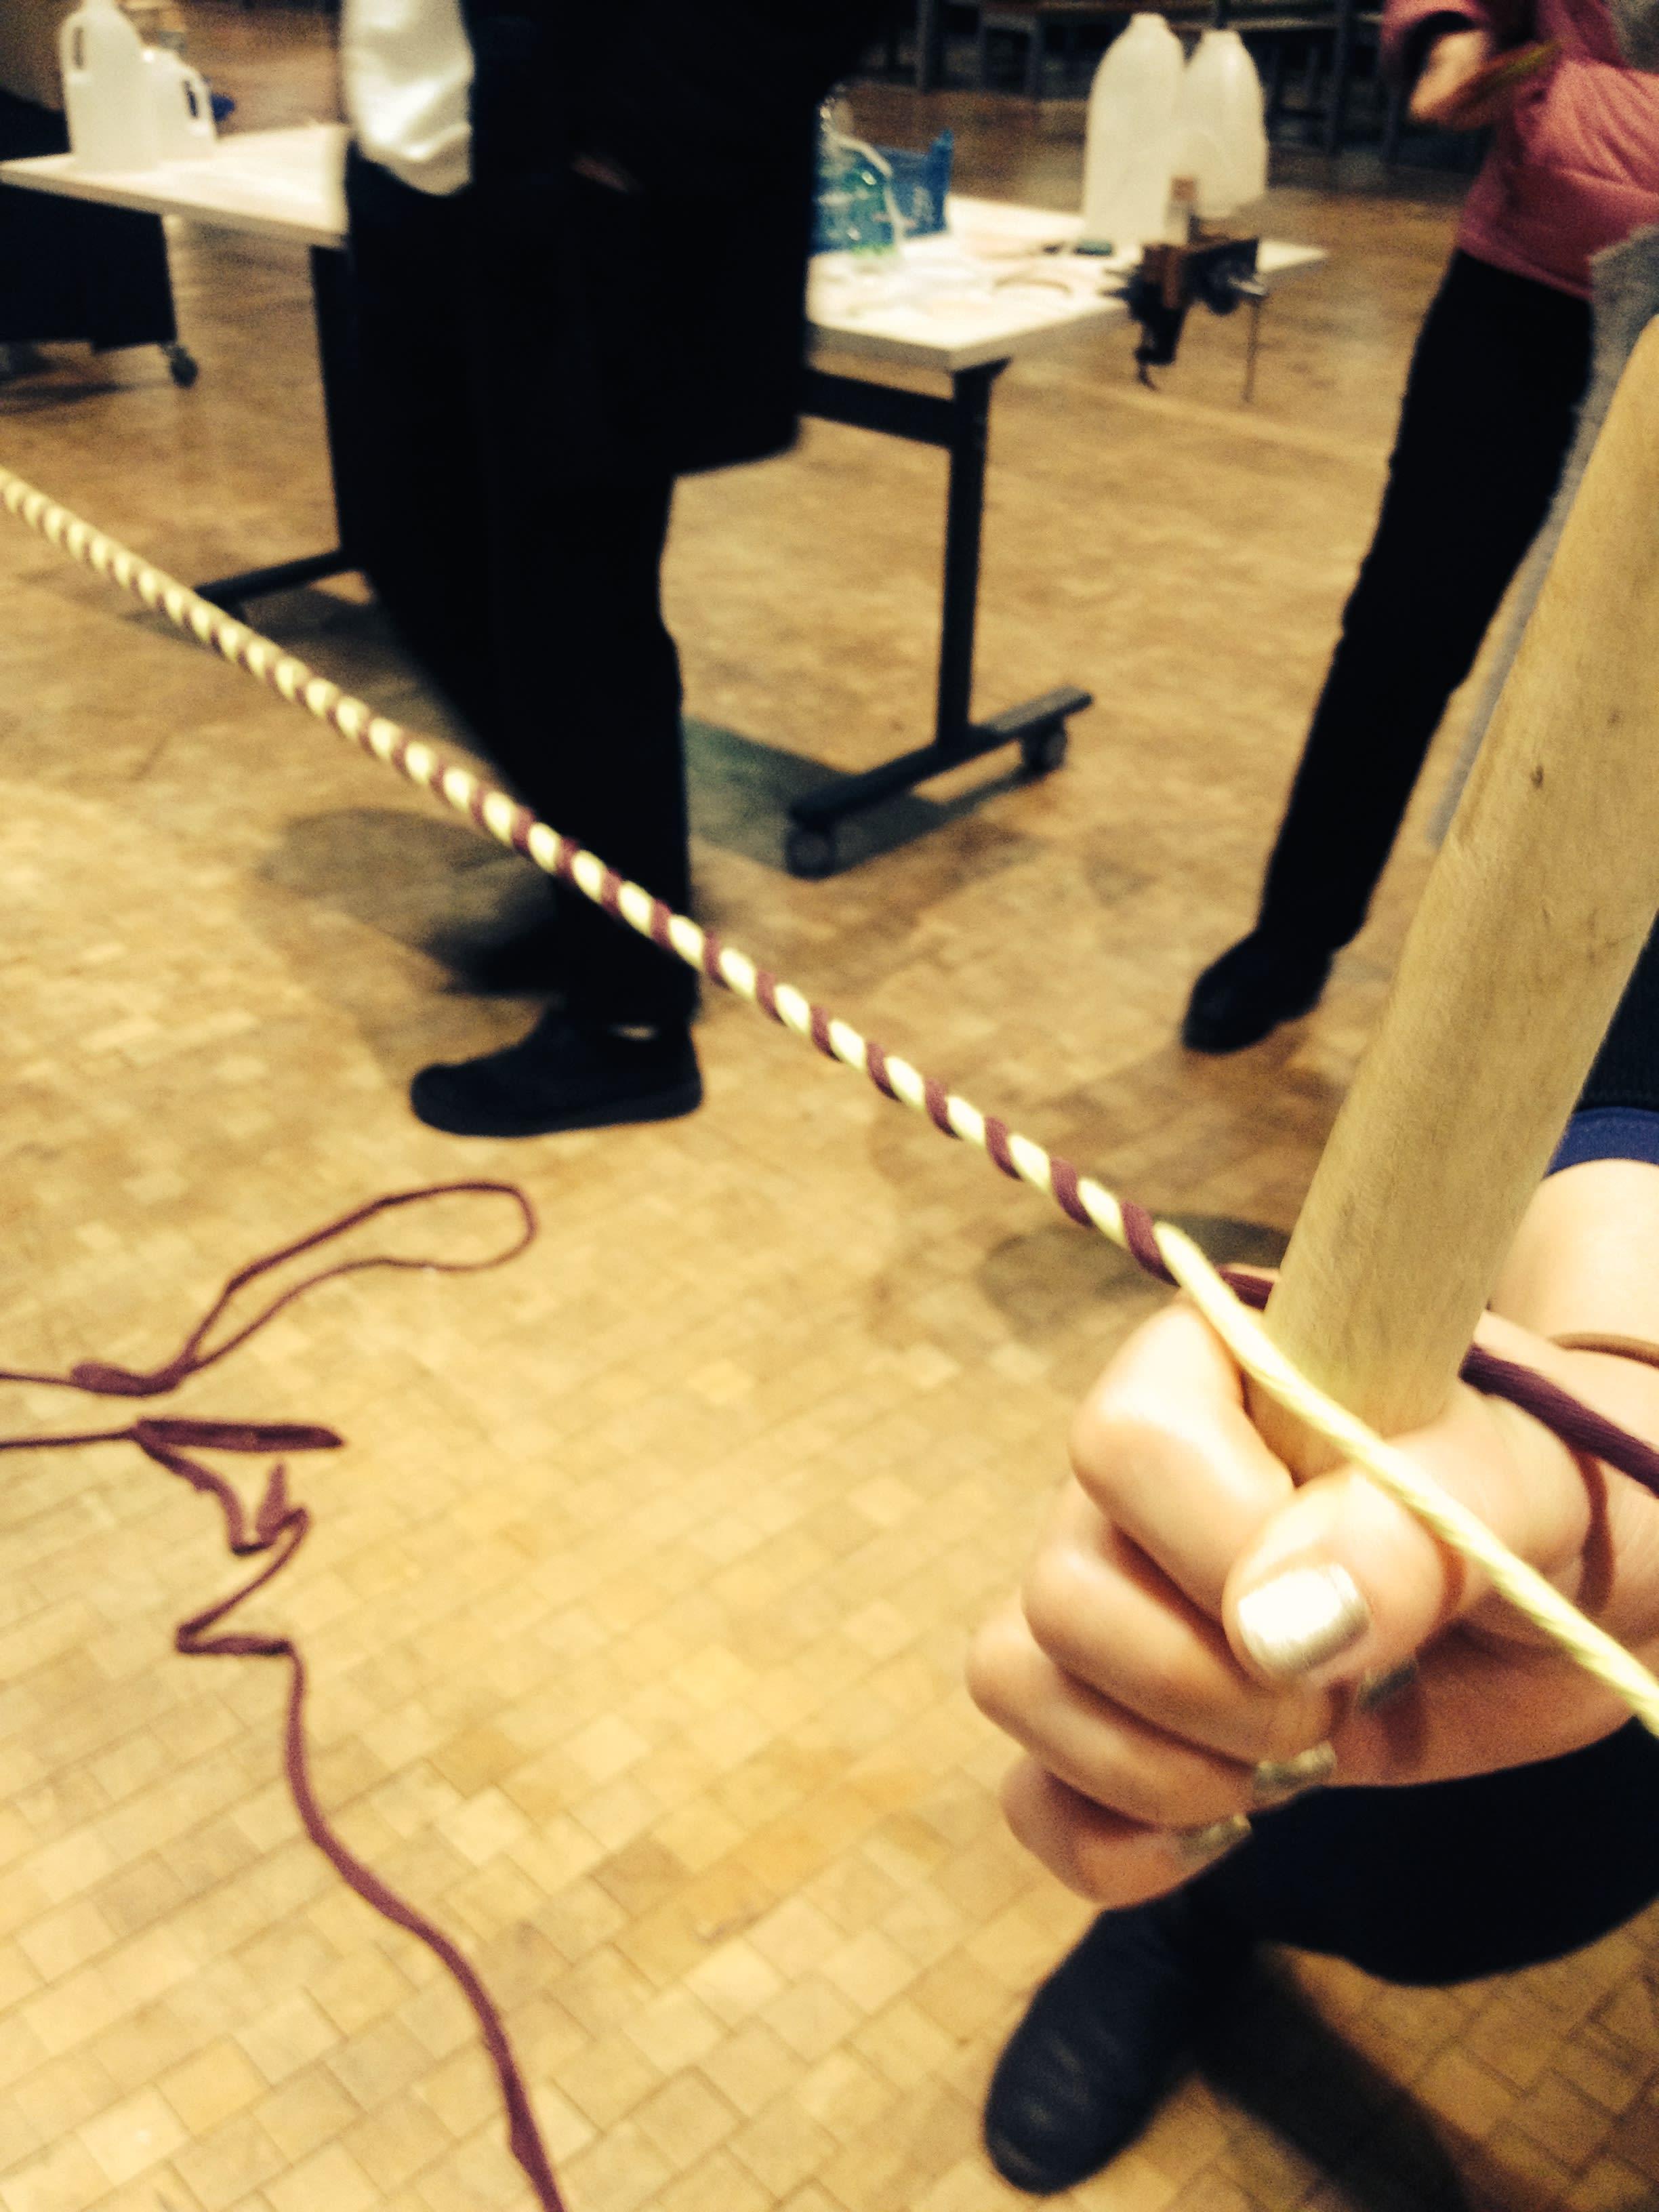 Image-4-rope-making1.jpg